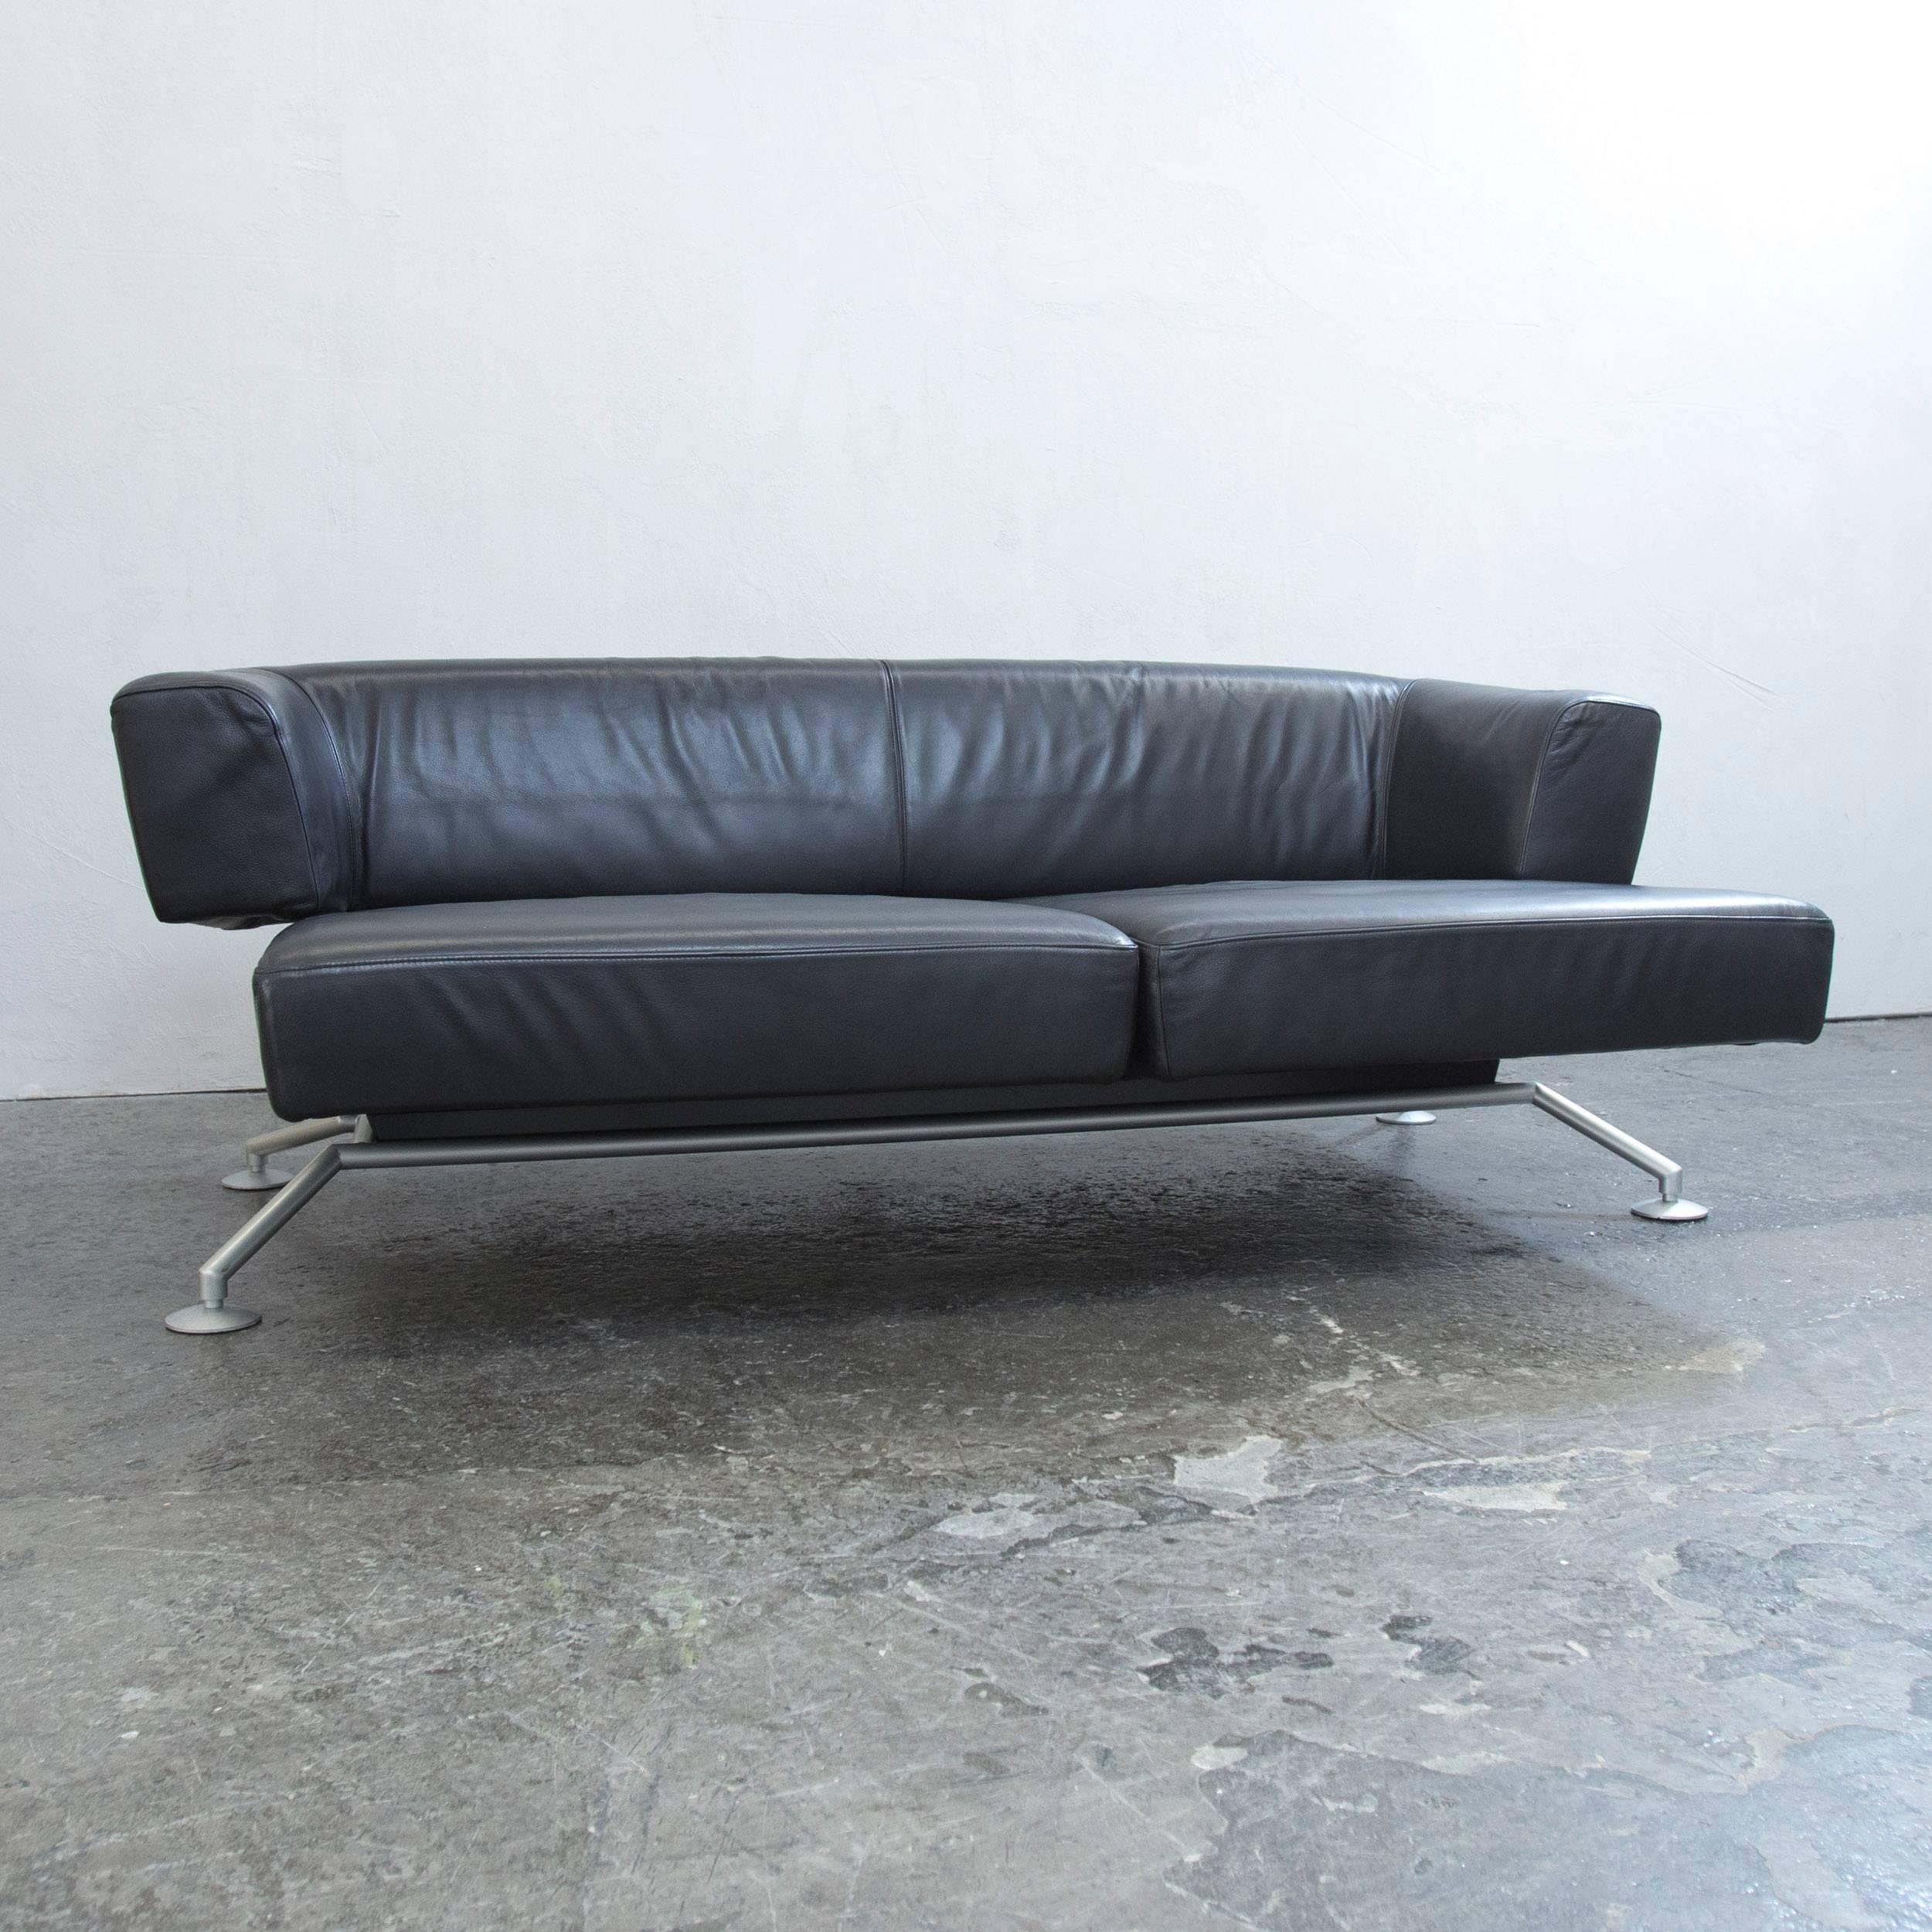 sofa schwarz leder awesome sofa echtleder schwarz design. Black Bedroom Furniture Sets. Home Design Ideas